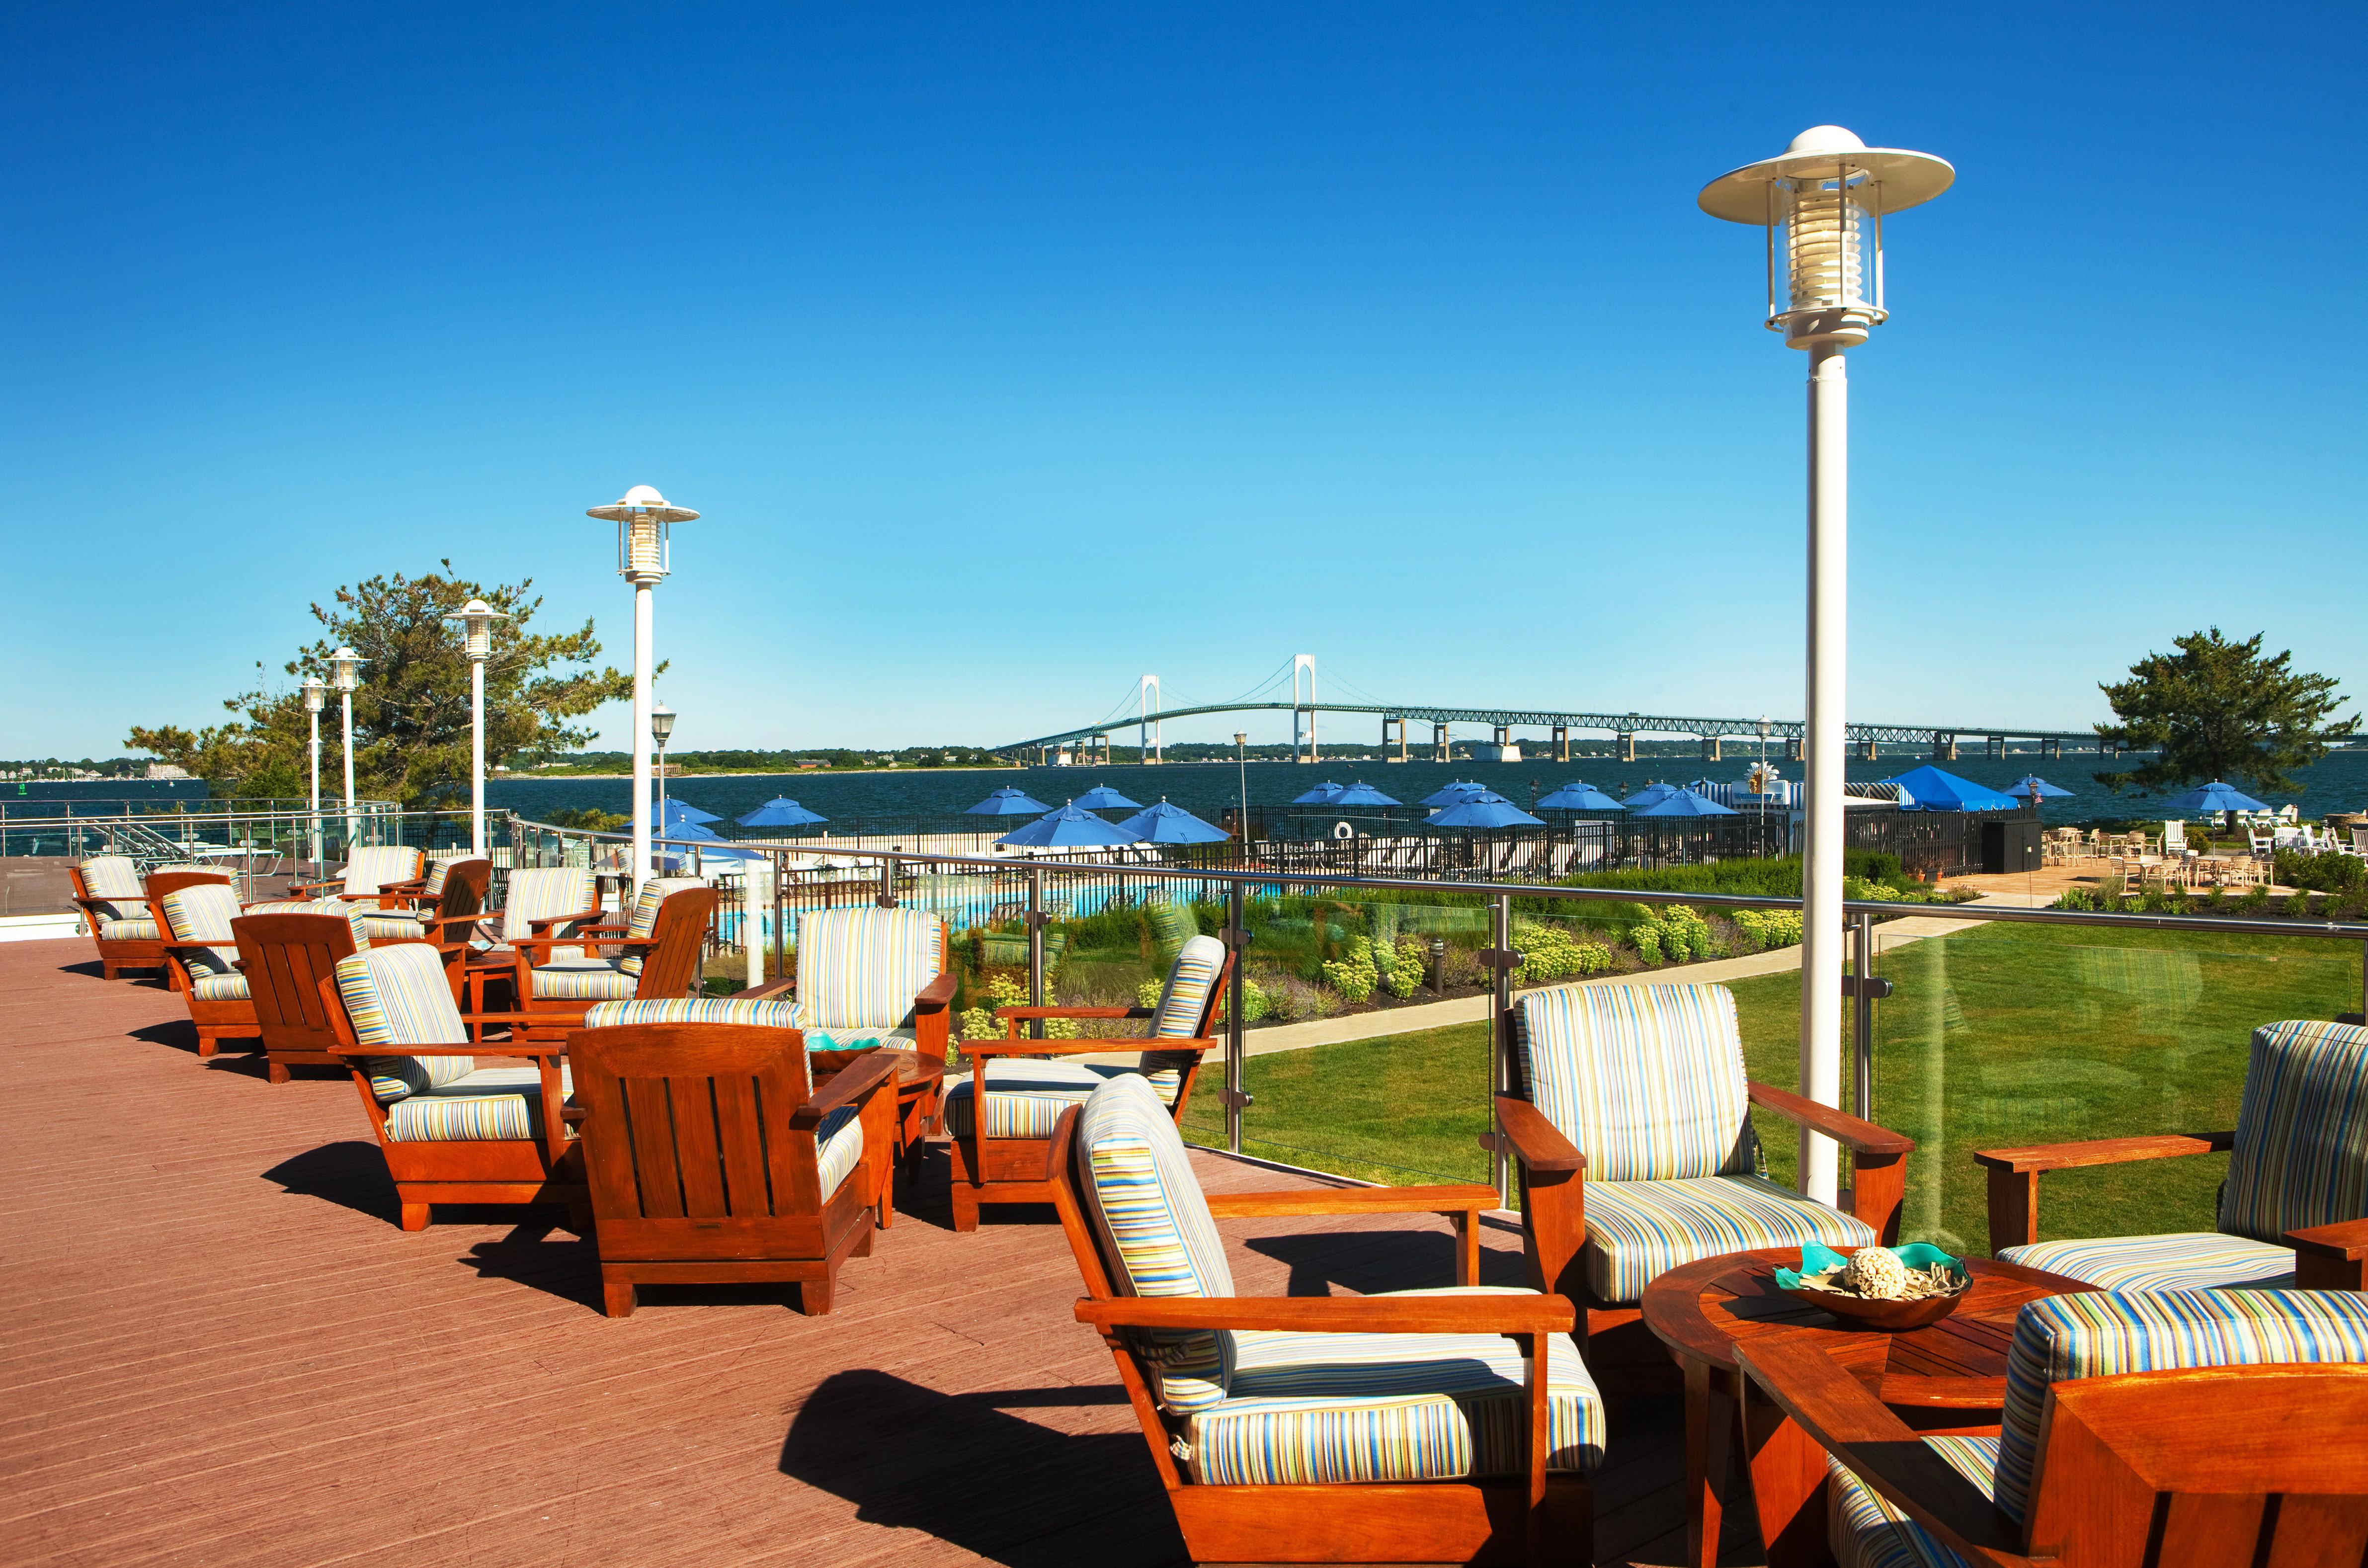 sky chair leisure Resort marina Beach dock walkway restaurant day